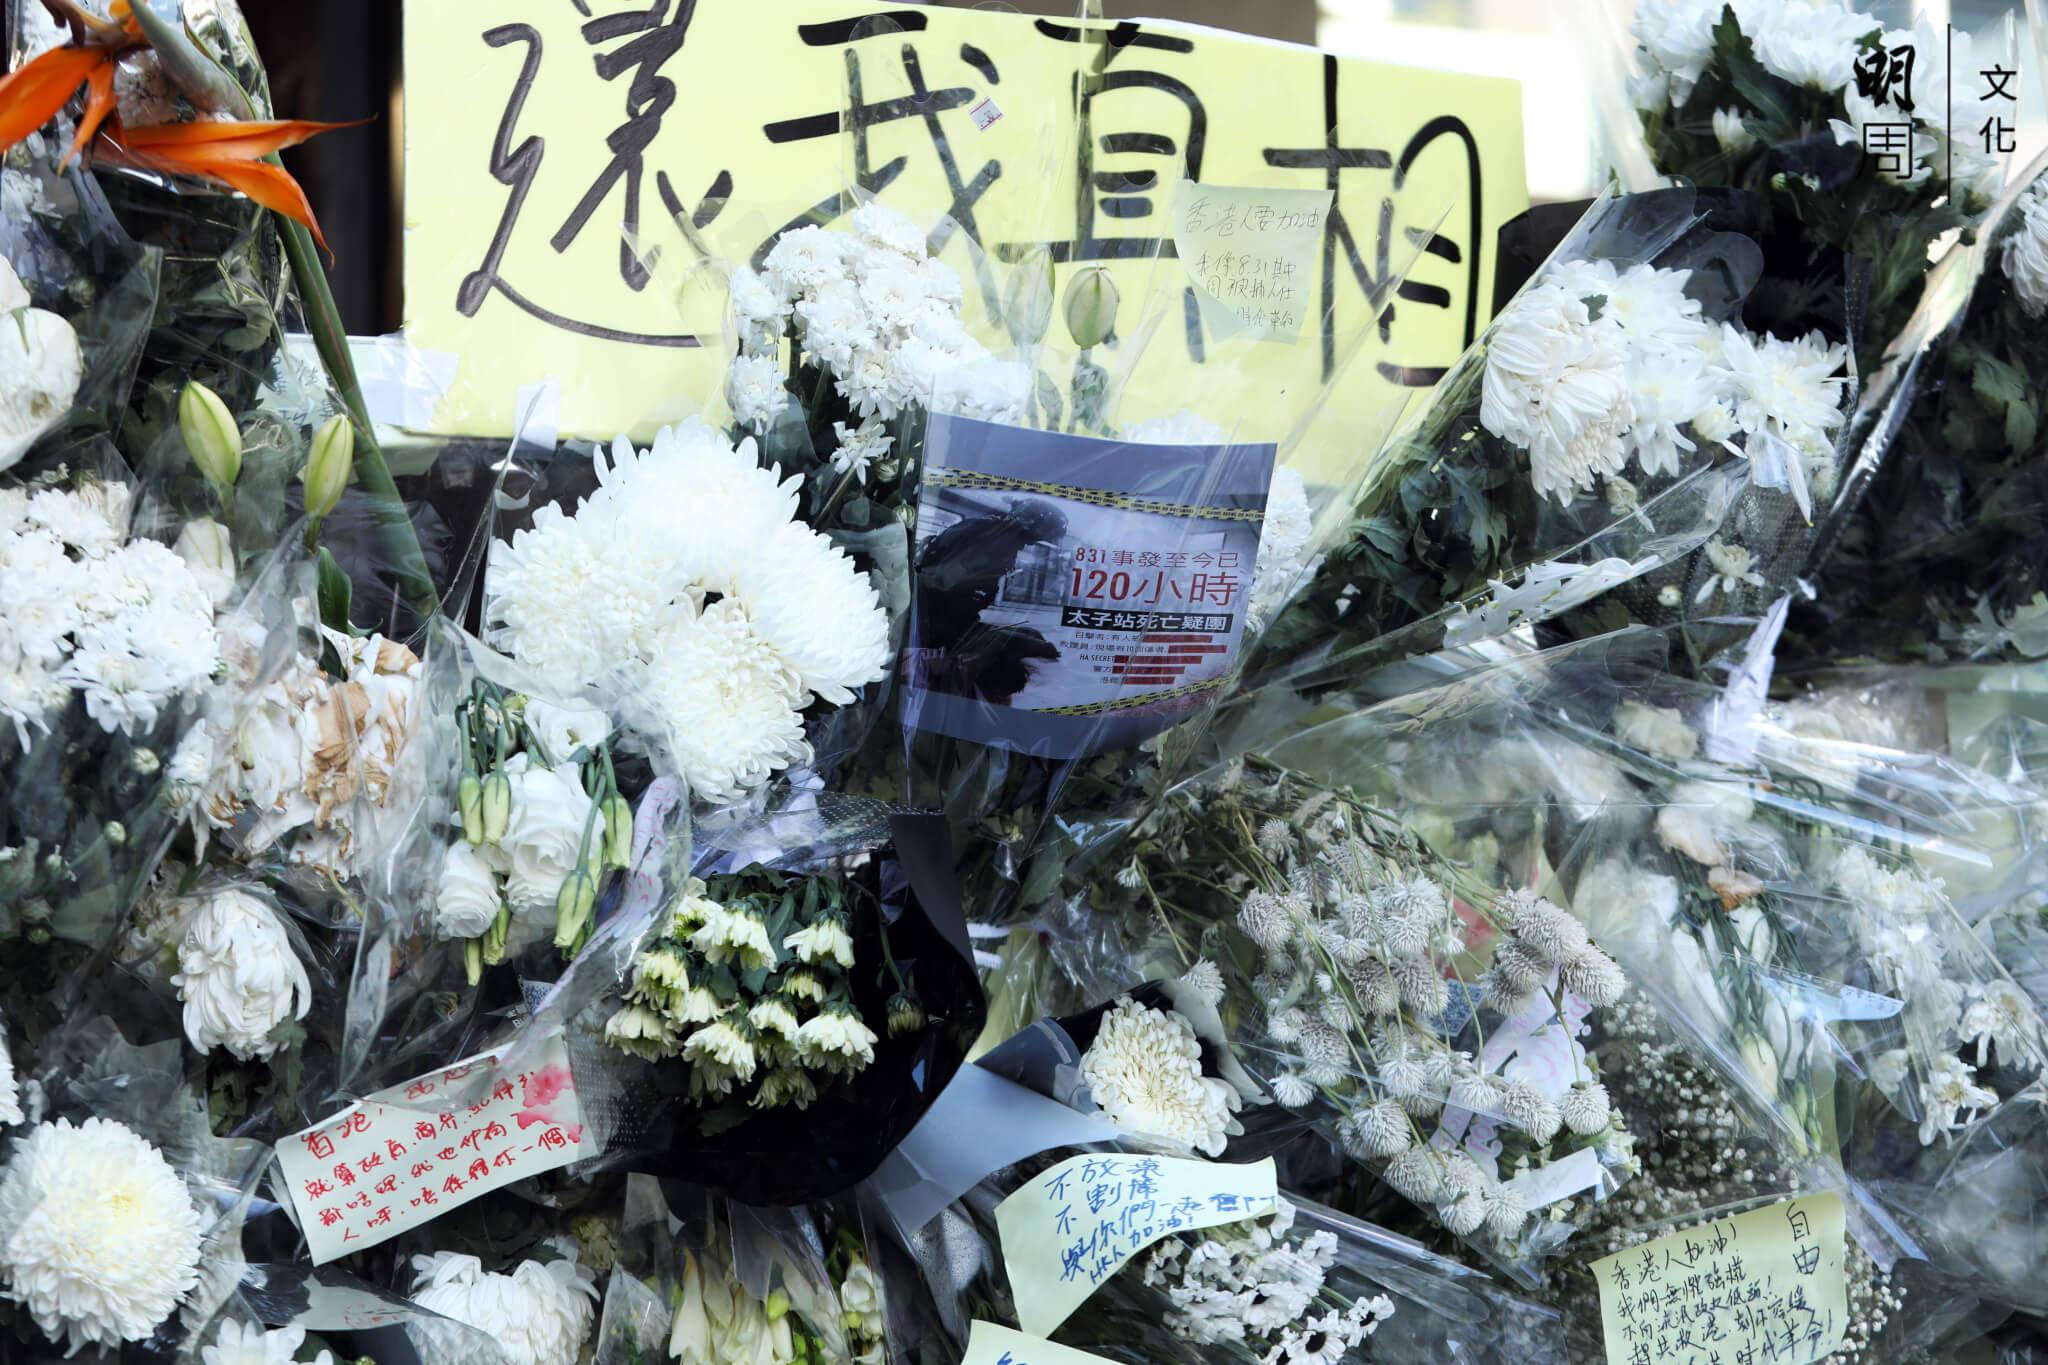 自6月起,香港多了不少惹人猜想的疑團,而這些疑團至今仍遲遲得不到圓滿的解答。